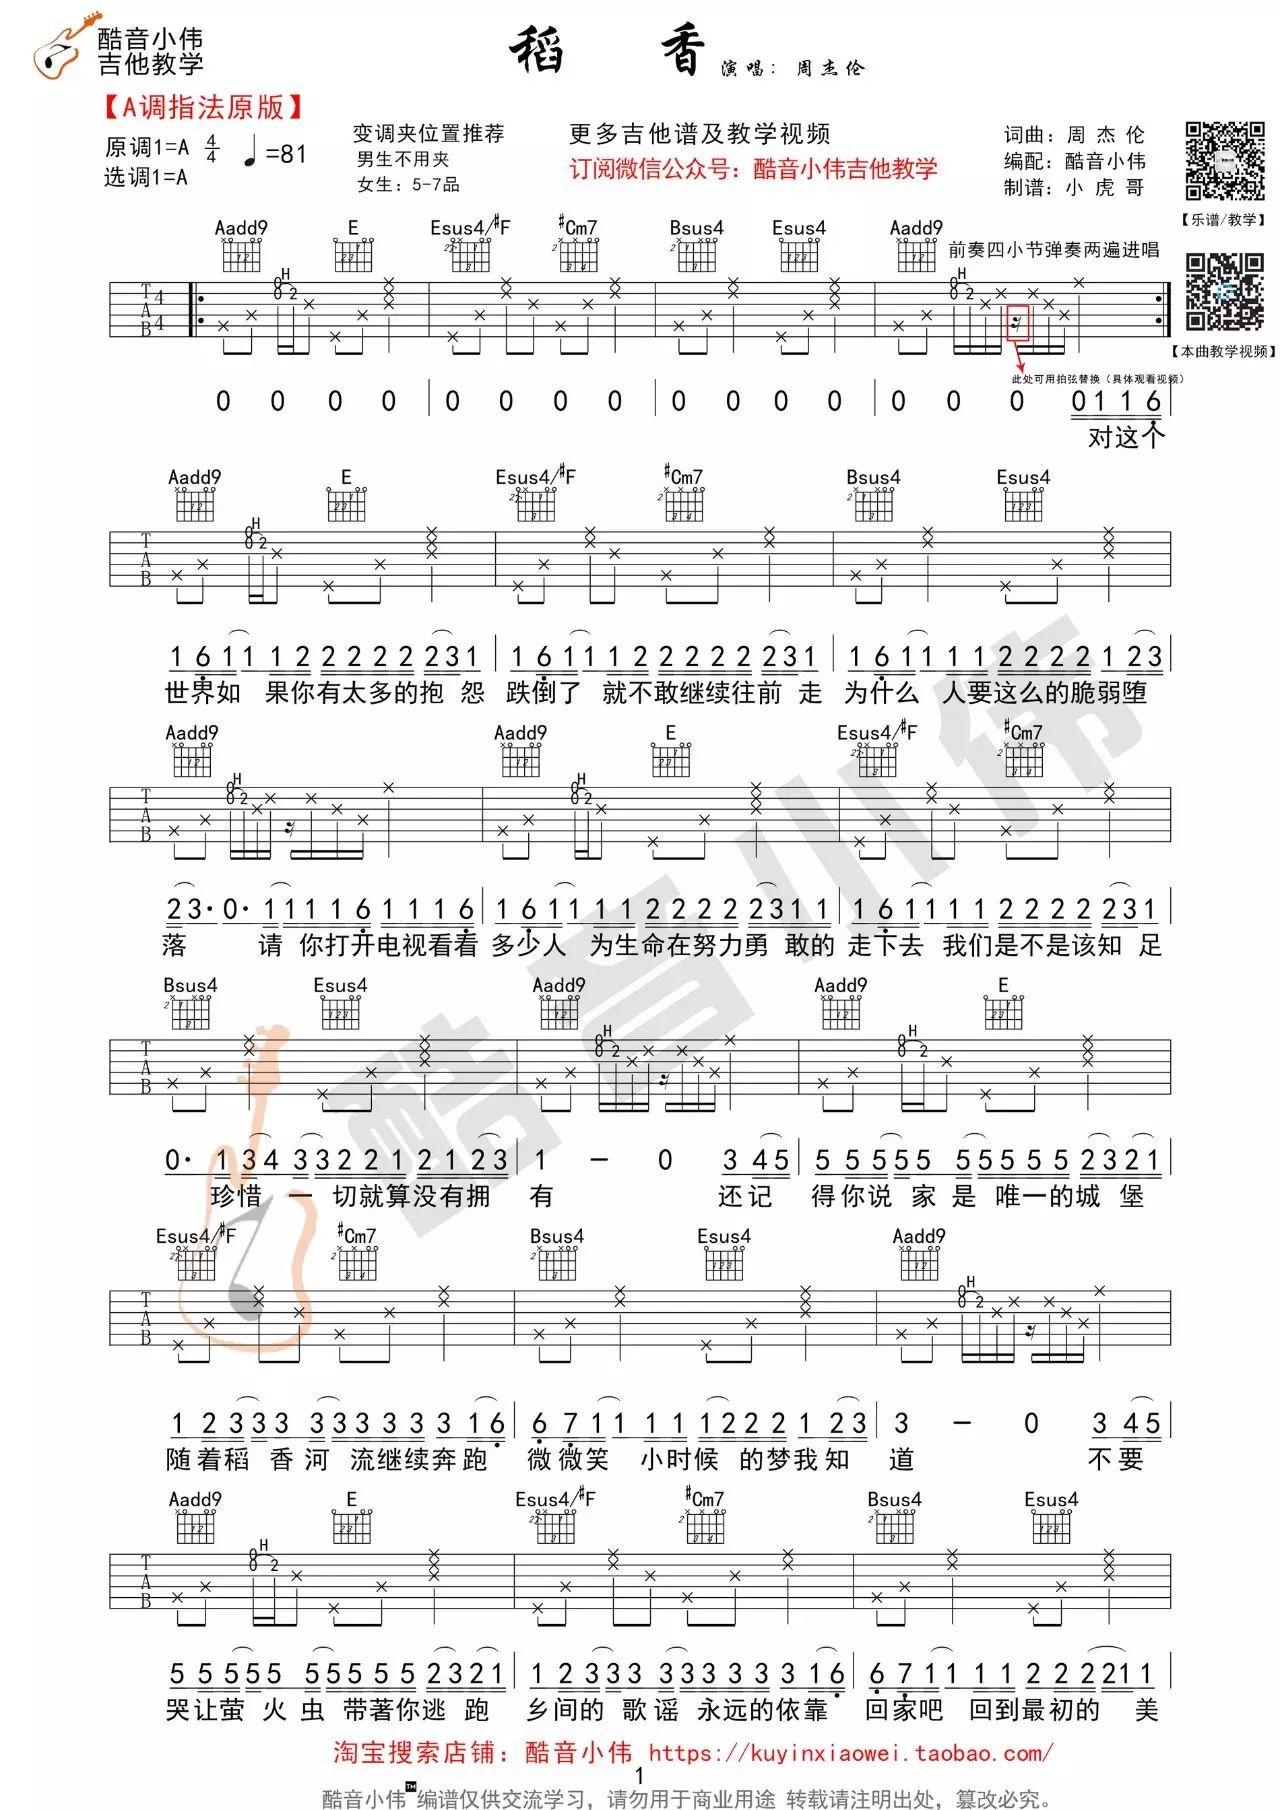 《稻香》吉他谱_周杰伦_吉他弹唱视频教程_A调版吉他谱